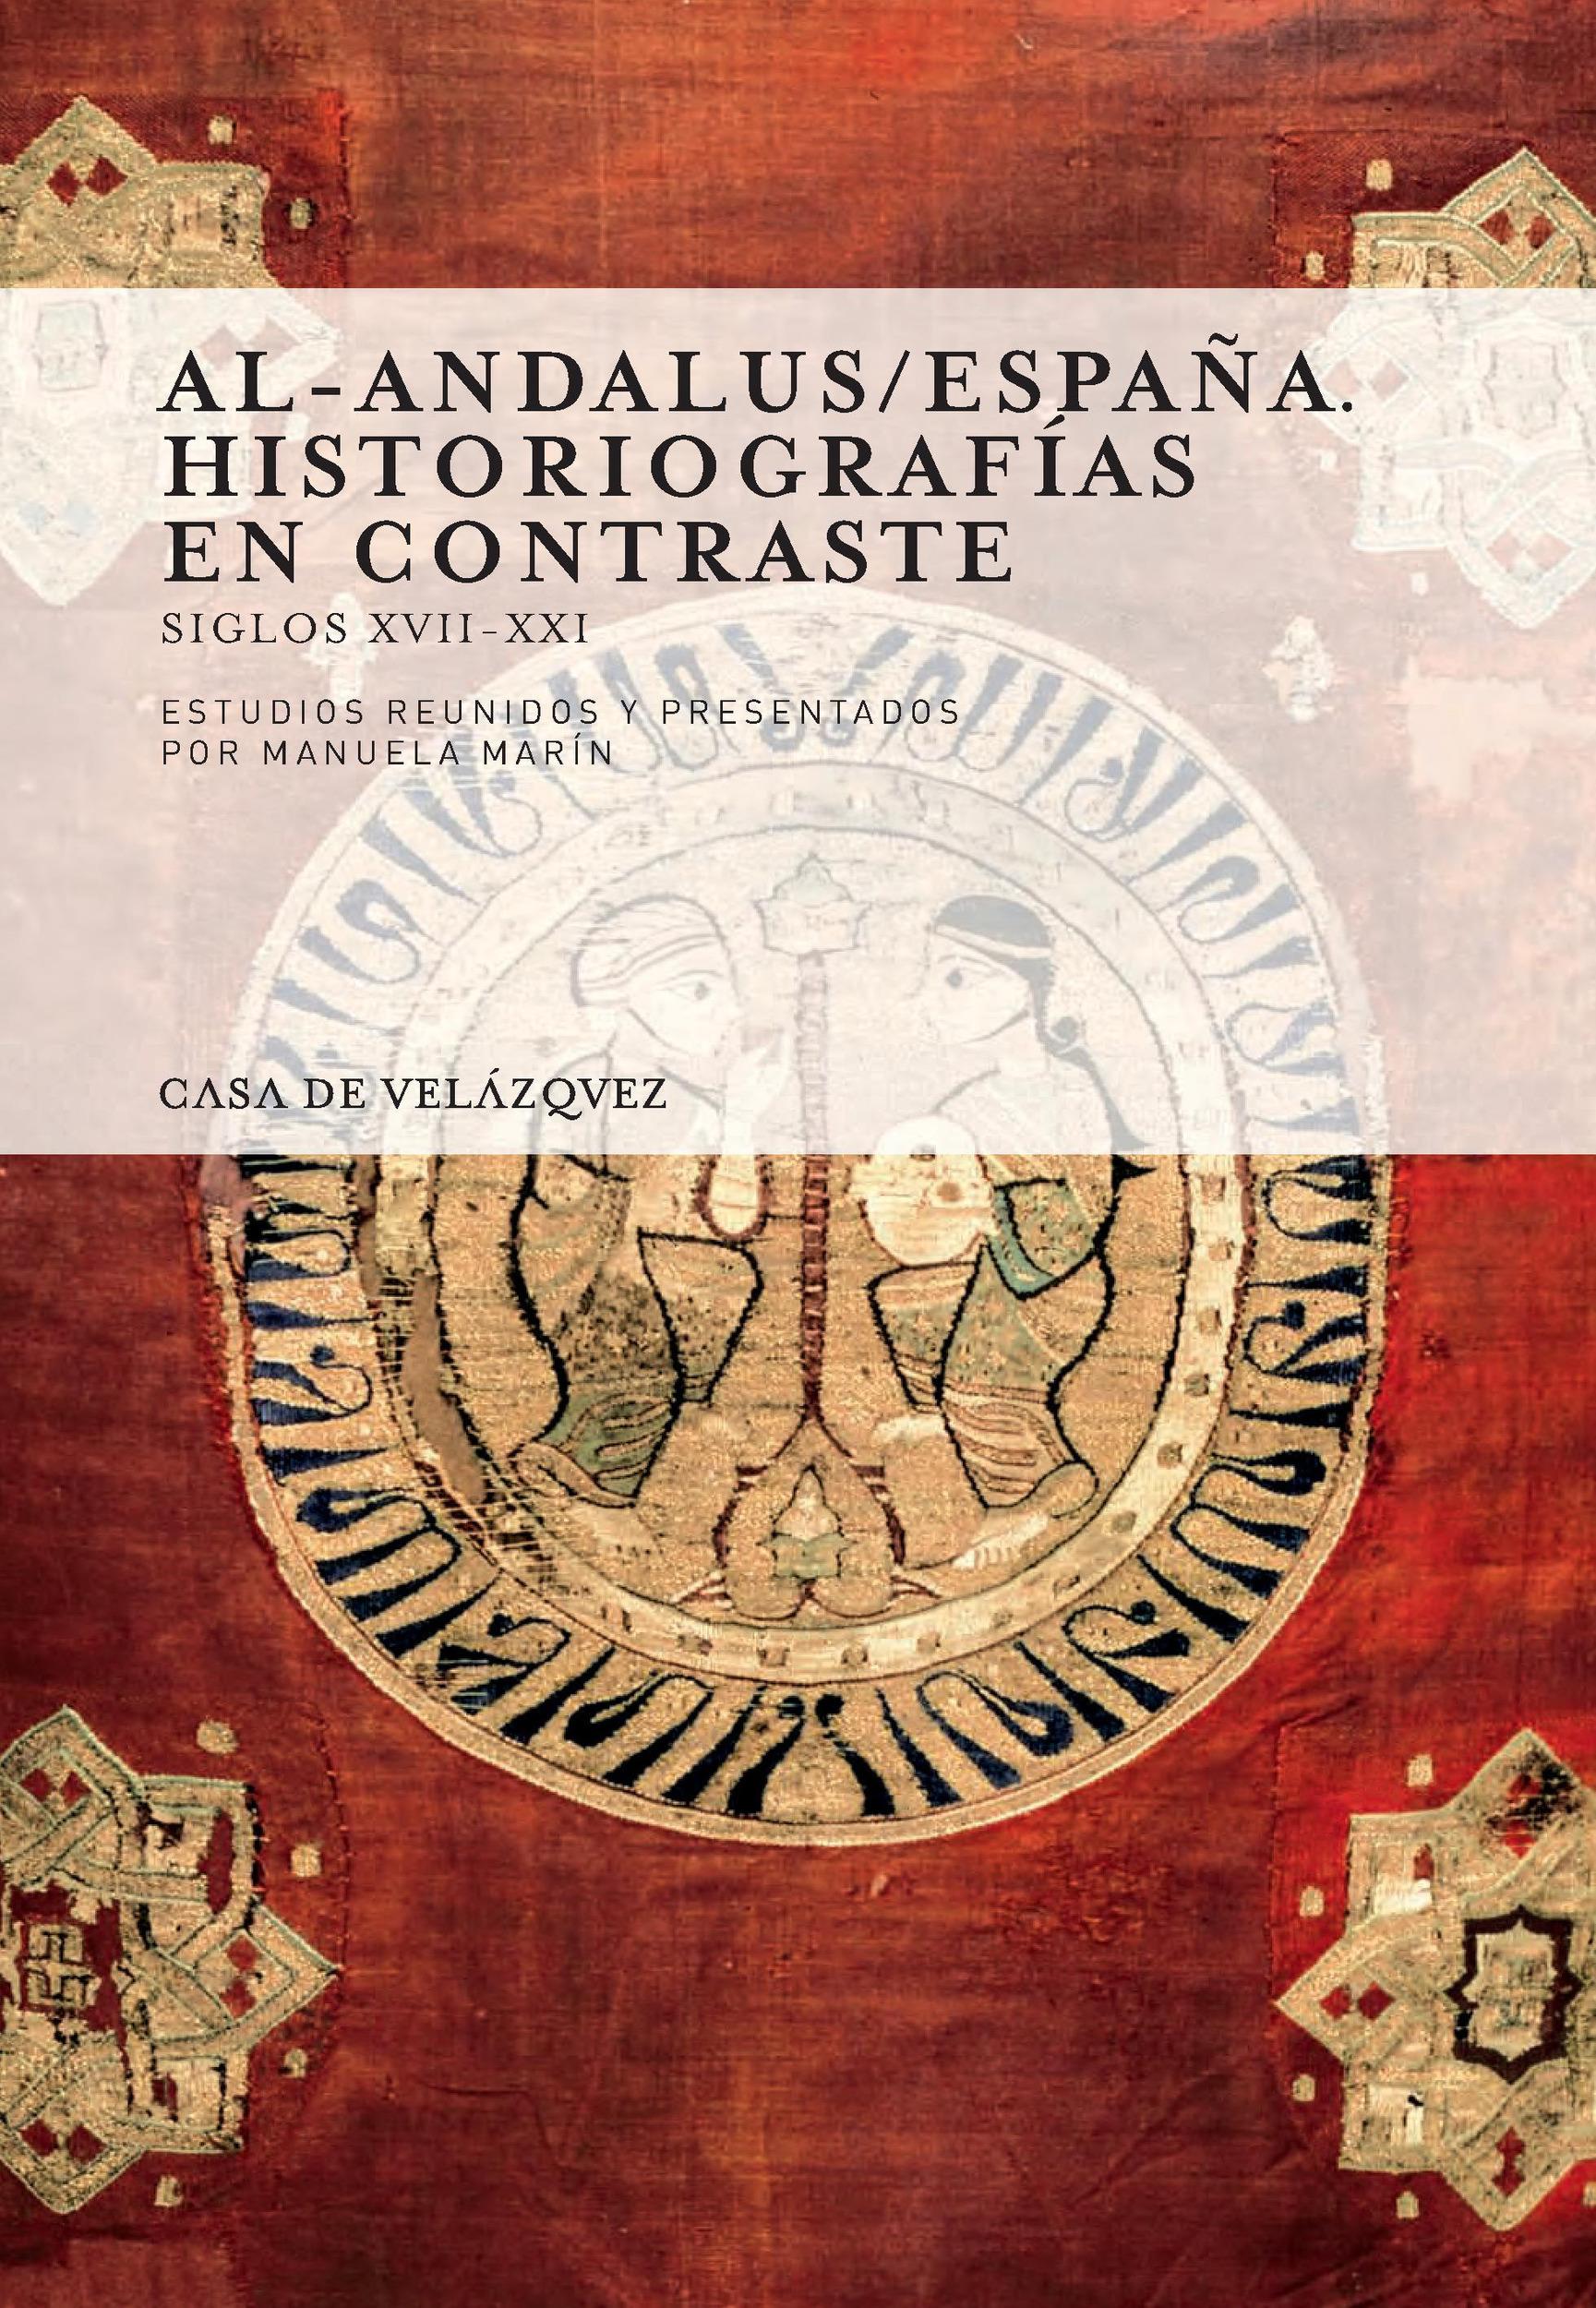 Al-andalus espana ; historiografias en contraste